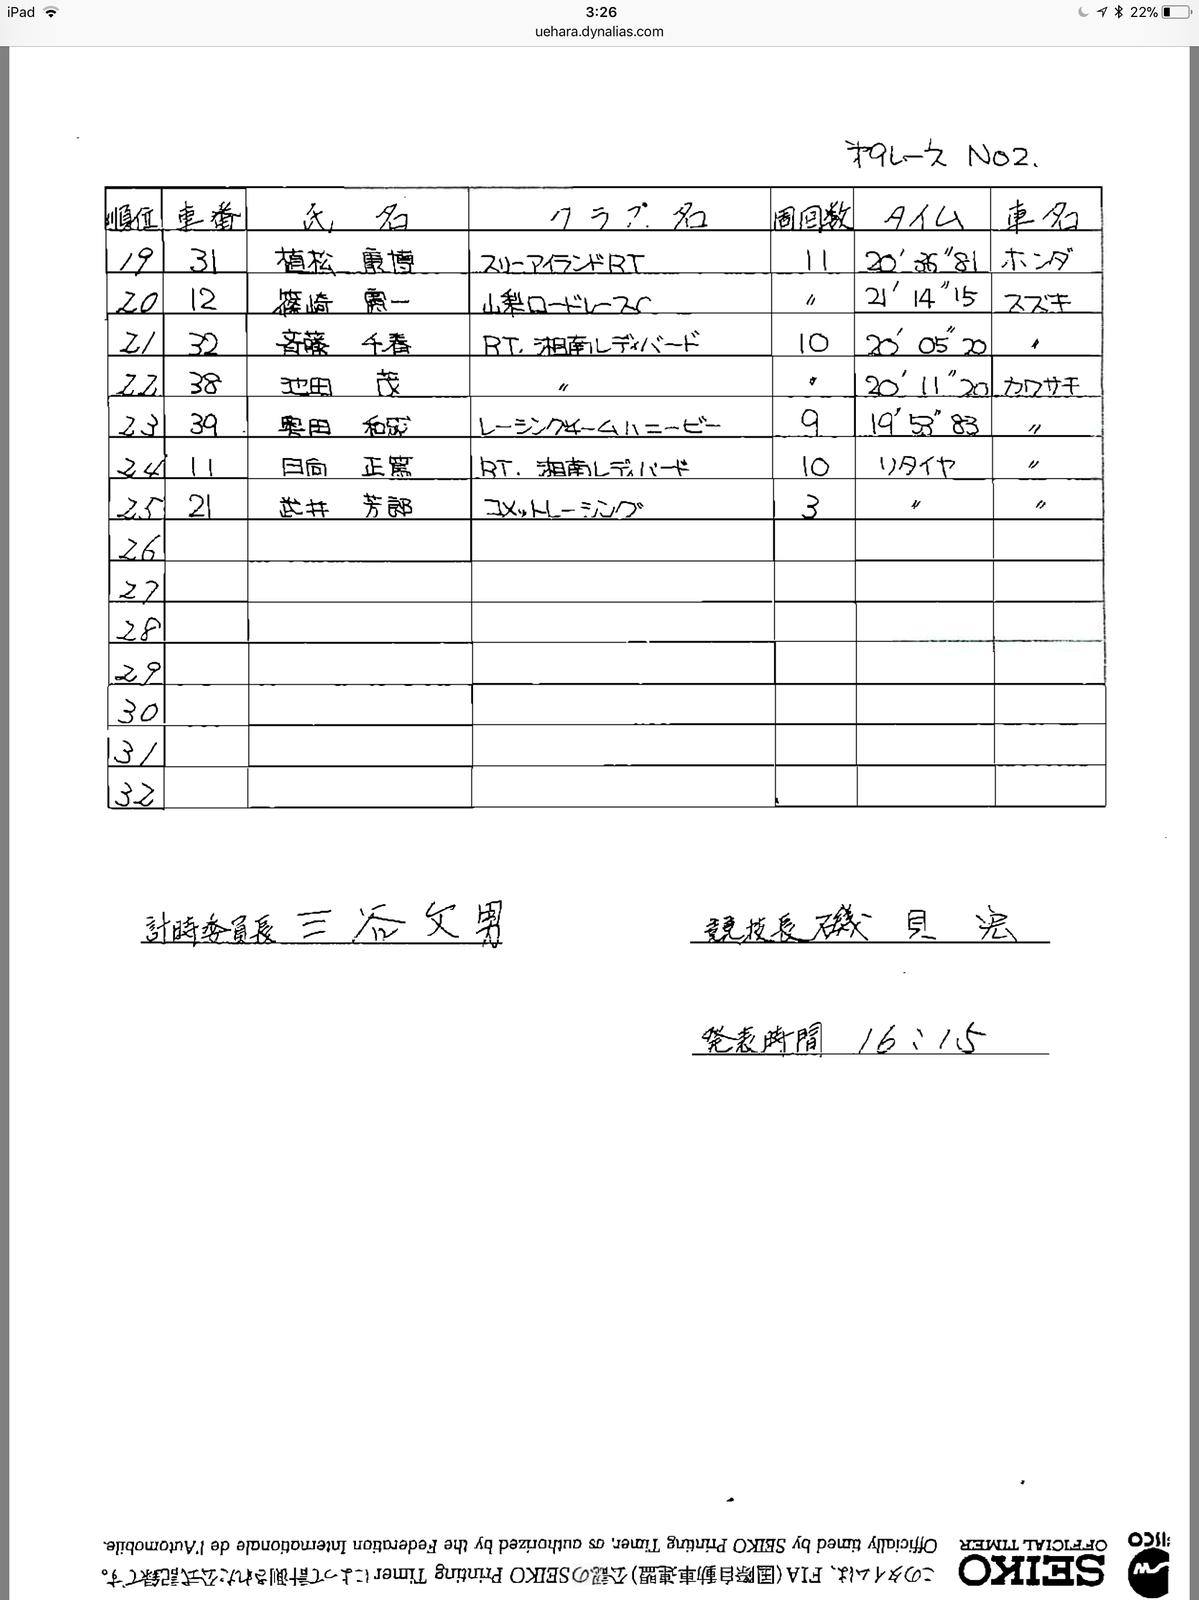 7899E987-86D9-437D-98EB-A7E011862DB0